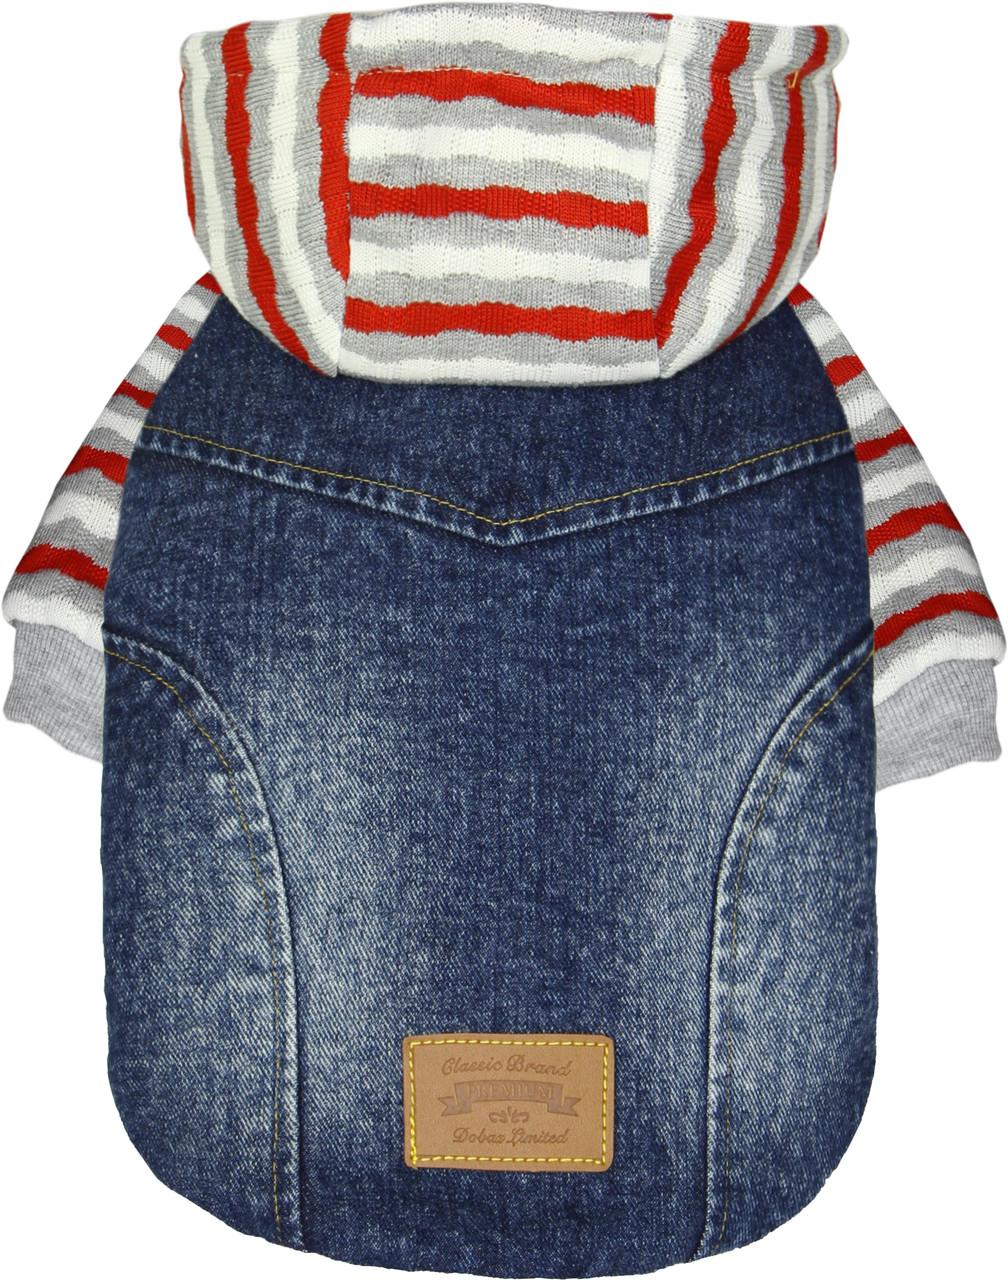 Куртка для животных Добаз, Dobaz Premium Denim красная полоска